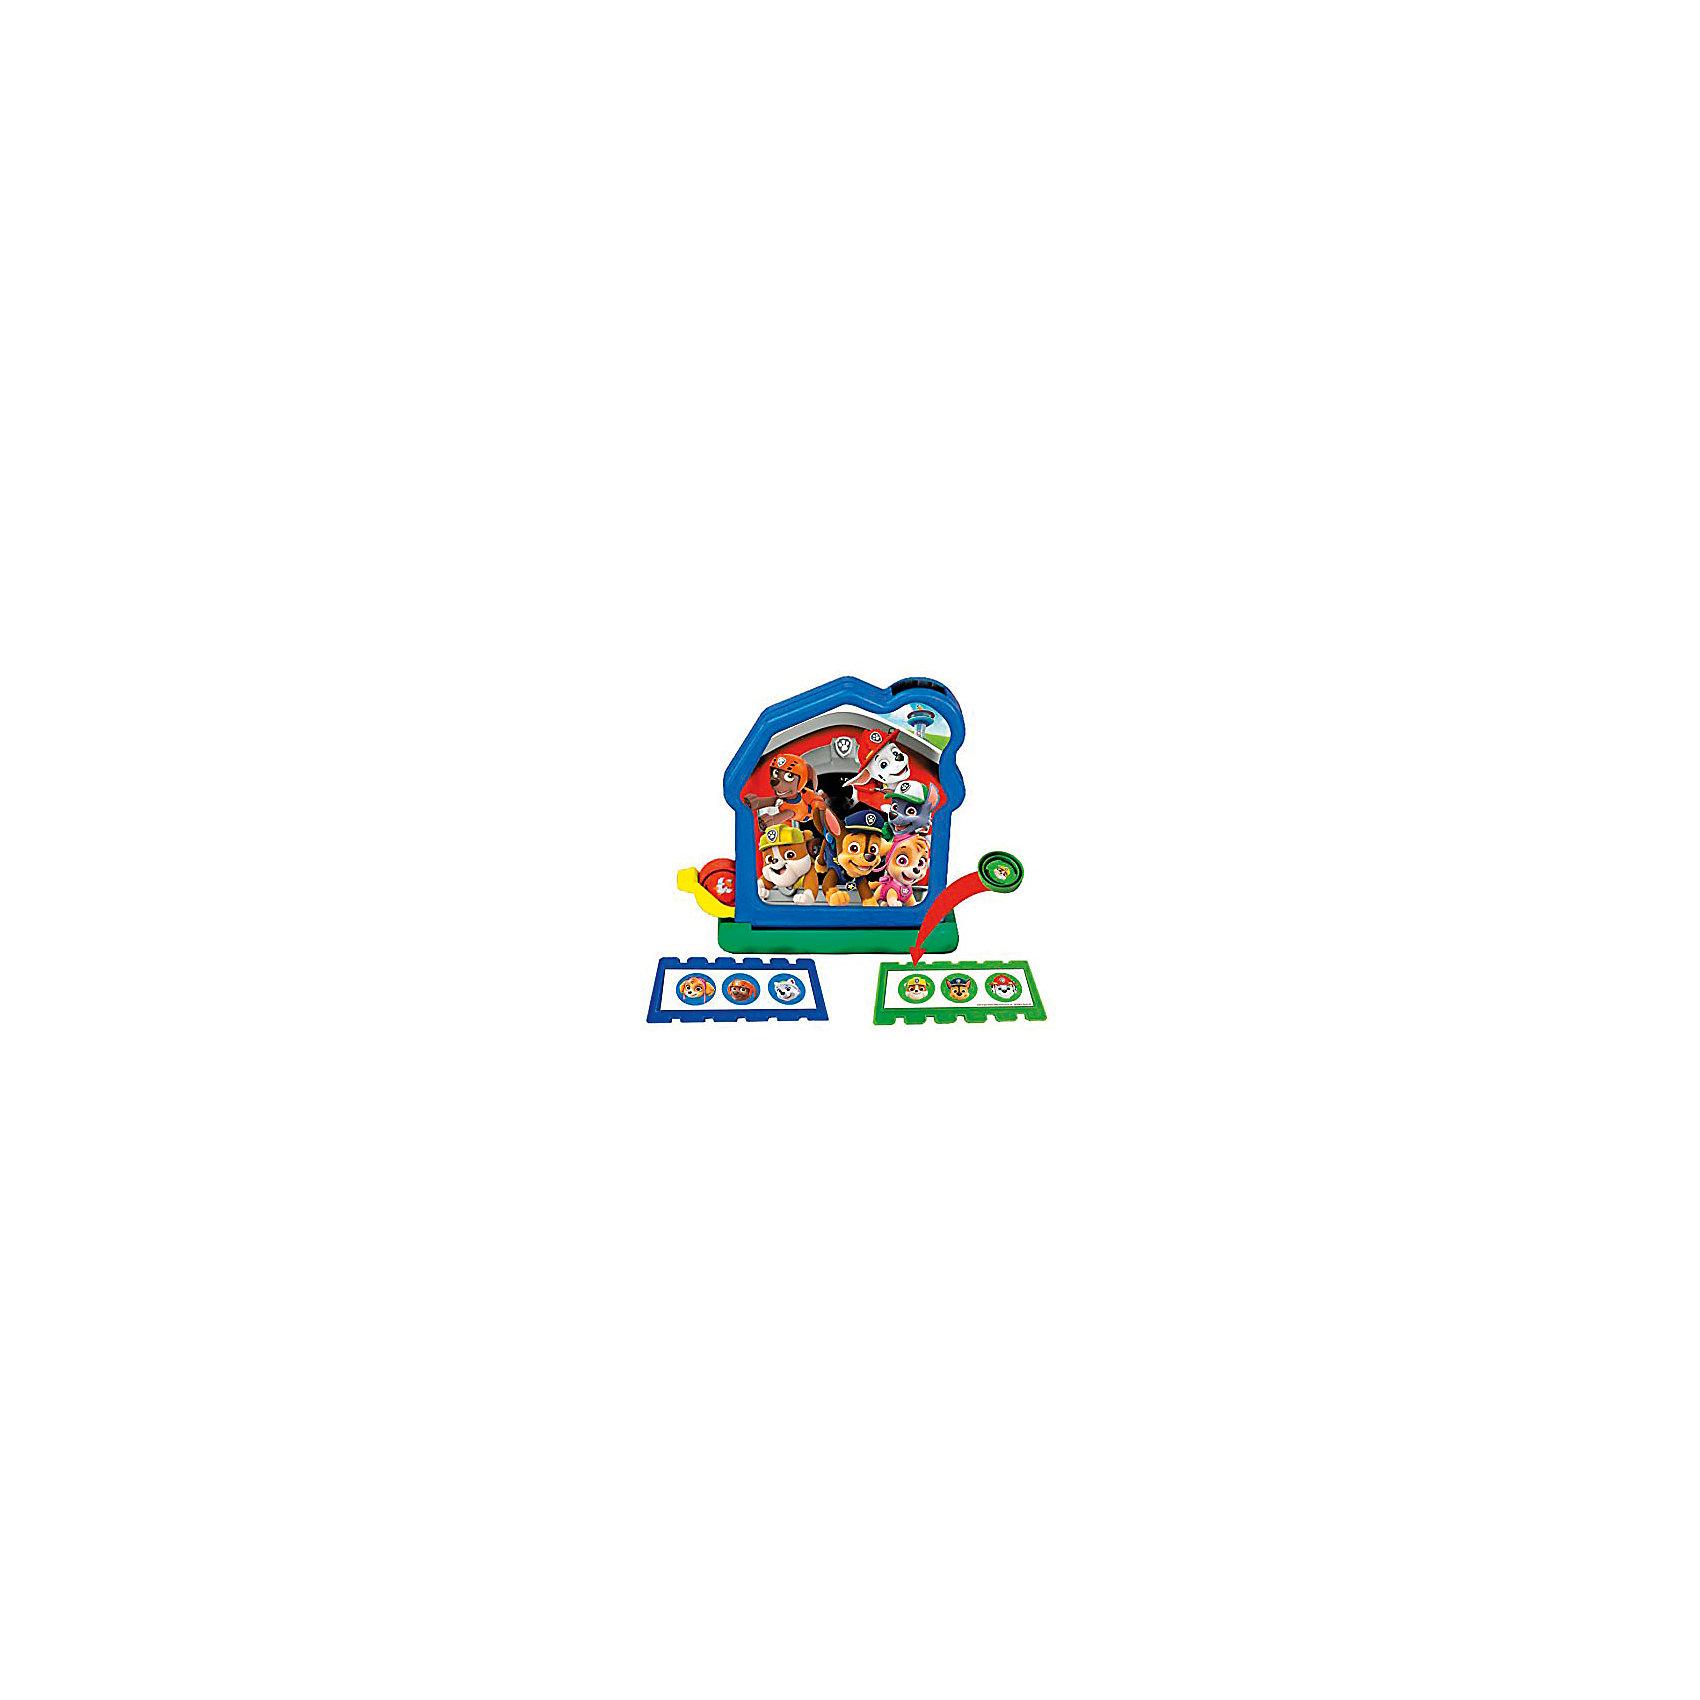 Настольная игра Бинго: Щенячий патруль - Домик щенков-спасателей, Spin MasterНастольные игры<br>Характеристики товара:<br><br>• возраст от 3 лет<br>• материал: пластик<br>• в наборе: домик, 12 фишек, 4 карточки, 2 листа с наклейками, инструкция<br>• количество предполагаемых игроков: от 2<br>• размер упаковки 27х27х8 см<br>• вес упаковки 613 г.<br>• страна бренда: Канада<br>• страна производитель: Китай<br><br>Игра «Домик щенков-спасателей» Щенячий патруль Spin Master — увлекательная игра для детей, созданная по мотивам известного мультфильма «Щенячий патруль» про храбрых щенков-спасателей. Каждый игрок получает карточку. Домик выполнен в виде лототрона, в котором находятся фишки с изображениями героев. Фишками, которые выпадают из лототрона, надо закрывать карточку. Цель игроков — как можно быстрее заполнить свою карточку.<br><br>Игру «Домик щенков-спасателей» Щенячий патруль Spin Master можно приобрести в нашем интернет-магазине.<br><br>Ширина мм: 270<br>Глубина мм: 270<br>Высота мм: 80<br>Вес г: 613<br>Возраст от месяцев: 60<br>Возраст до месяцев: 2147483647<br>Пол: Унисекс<br>Возраст: Детский<br>SKU: 5523110